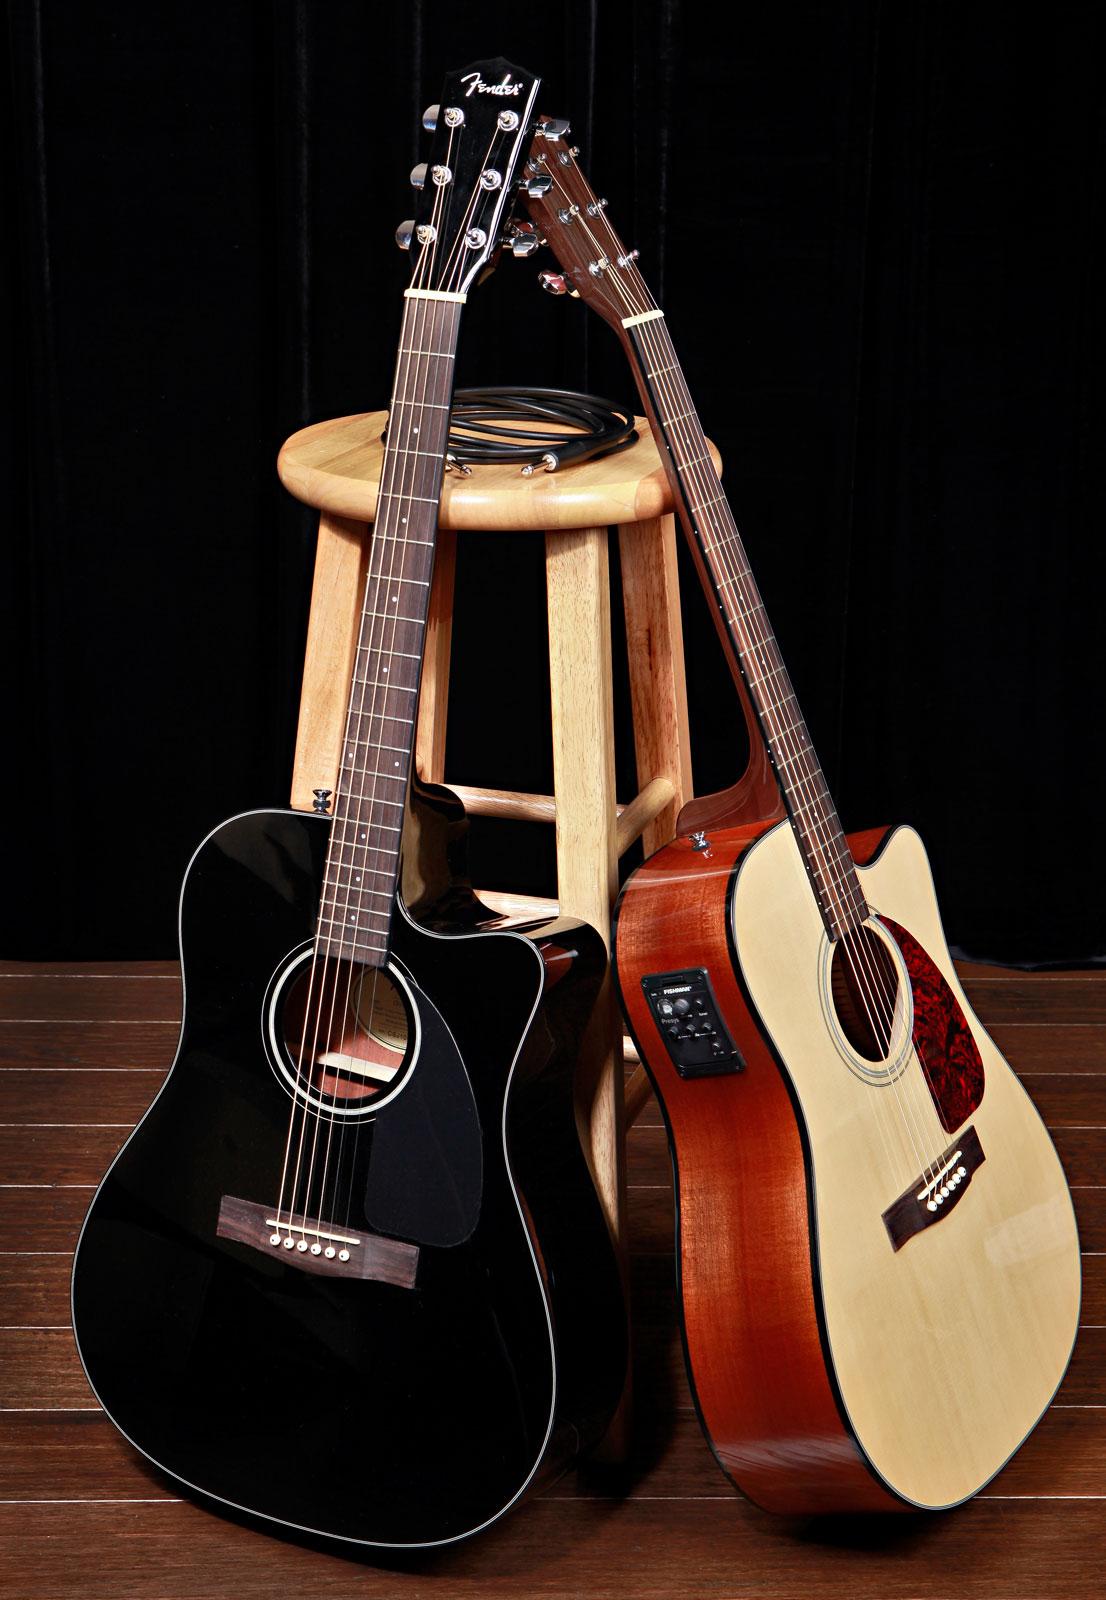 гитара хорошие картинки все